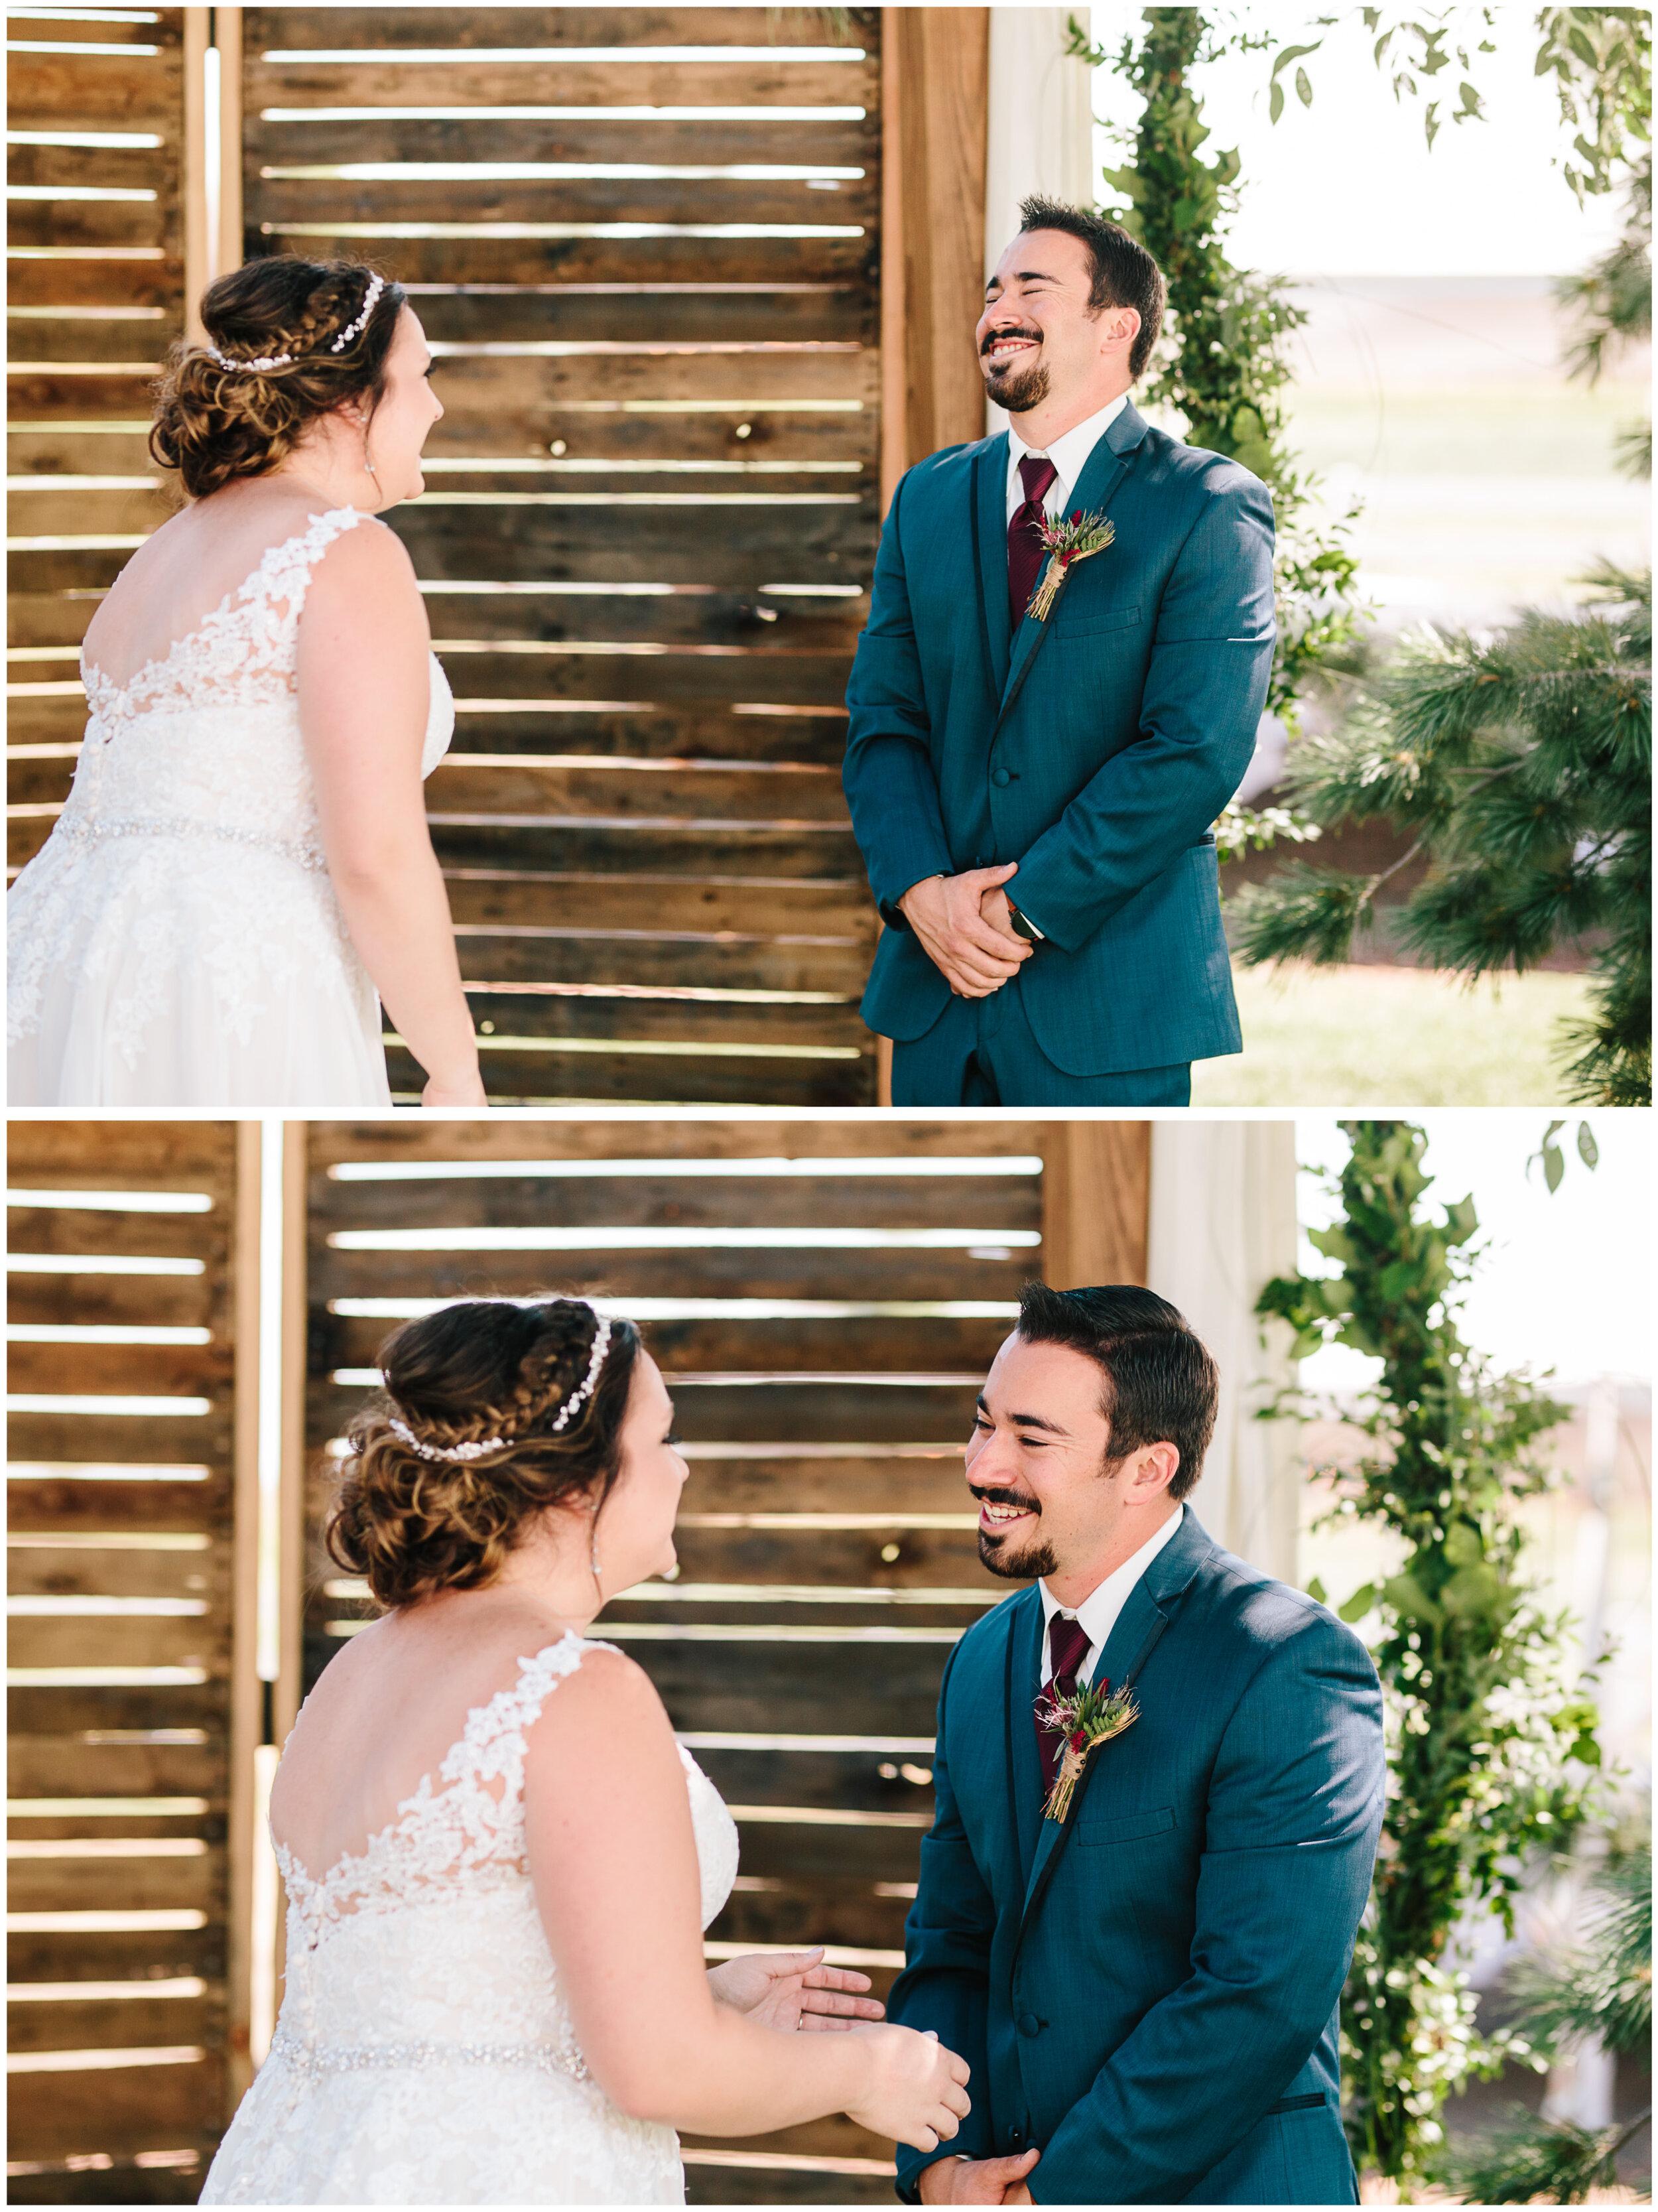 brighton_colorado_wedding_30.jpg